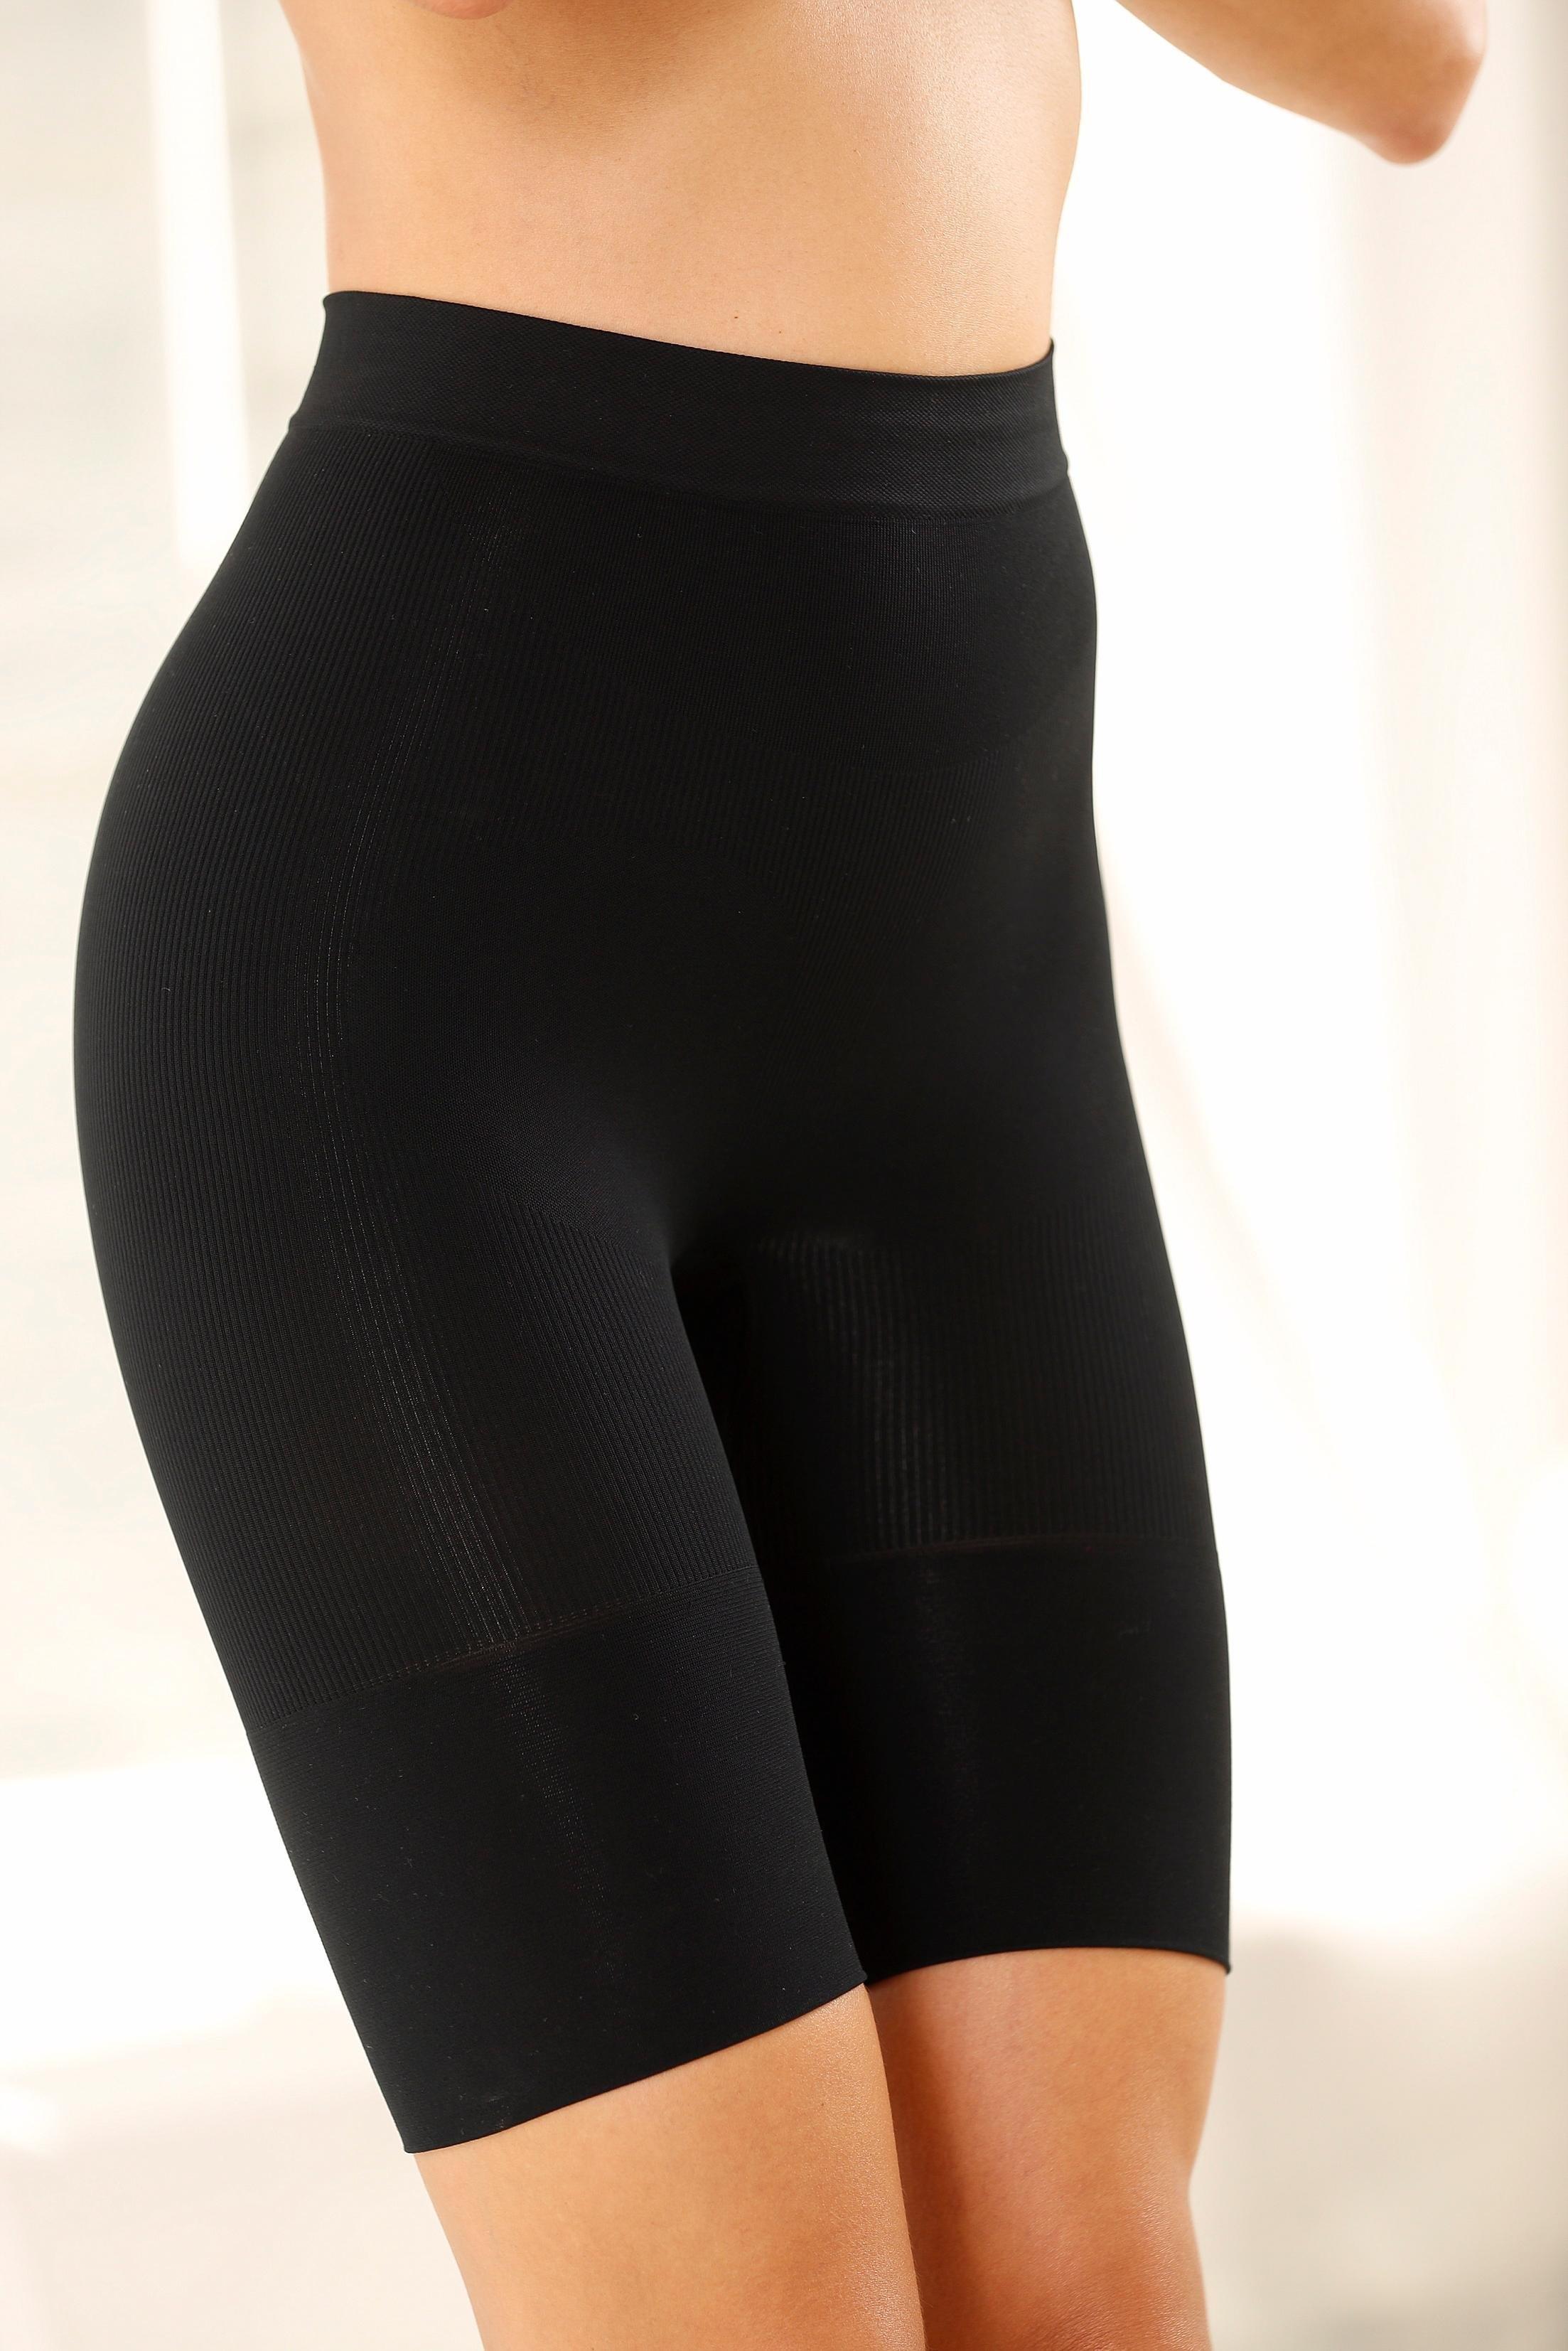 Nuance luxe shaping-broek »Emana« voordelig en veilig online kopen